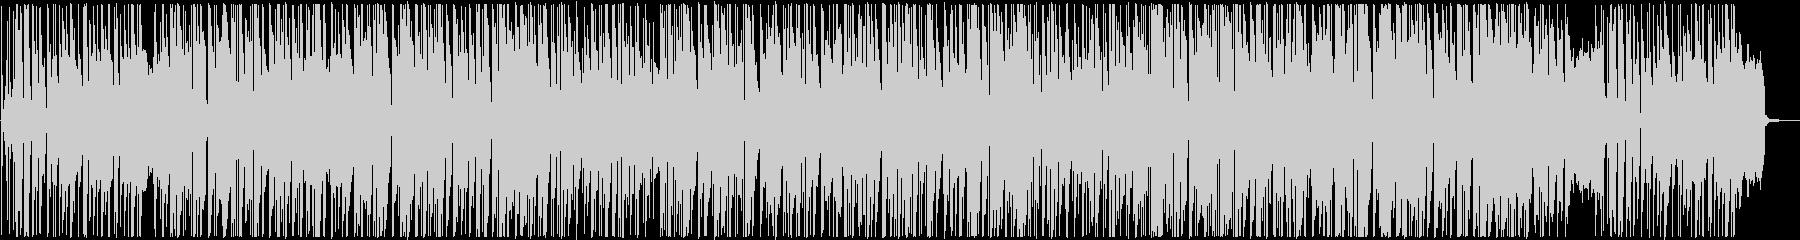 チージーでノリノリ楽しい滝廉太郎のお正月の未再生の波形